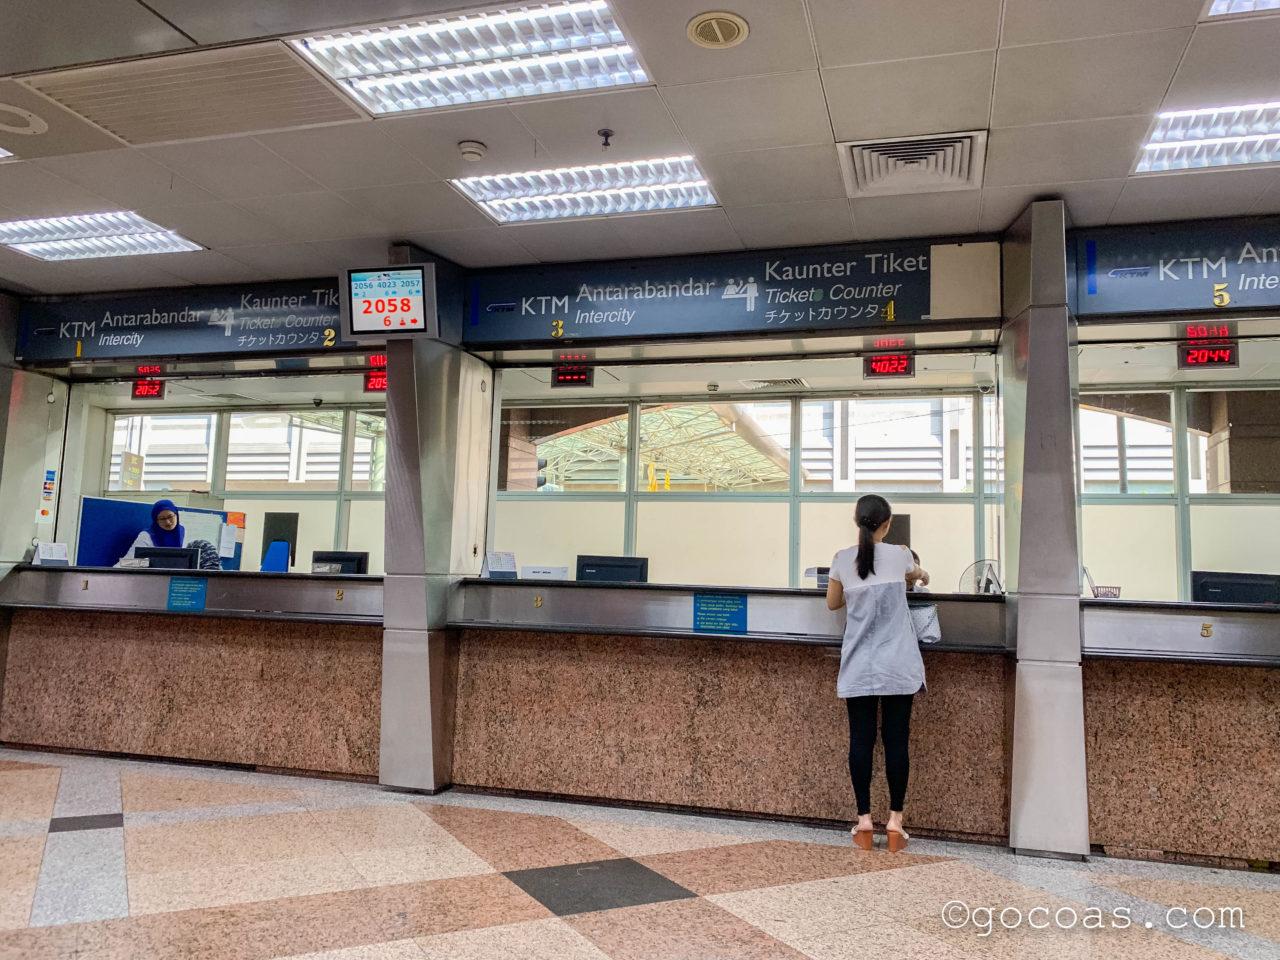 KLセントラル駅のKTMチケット売り場